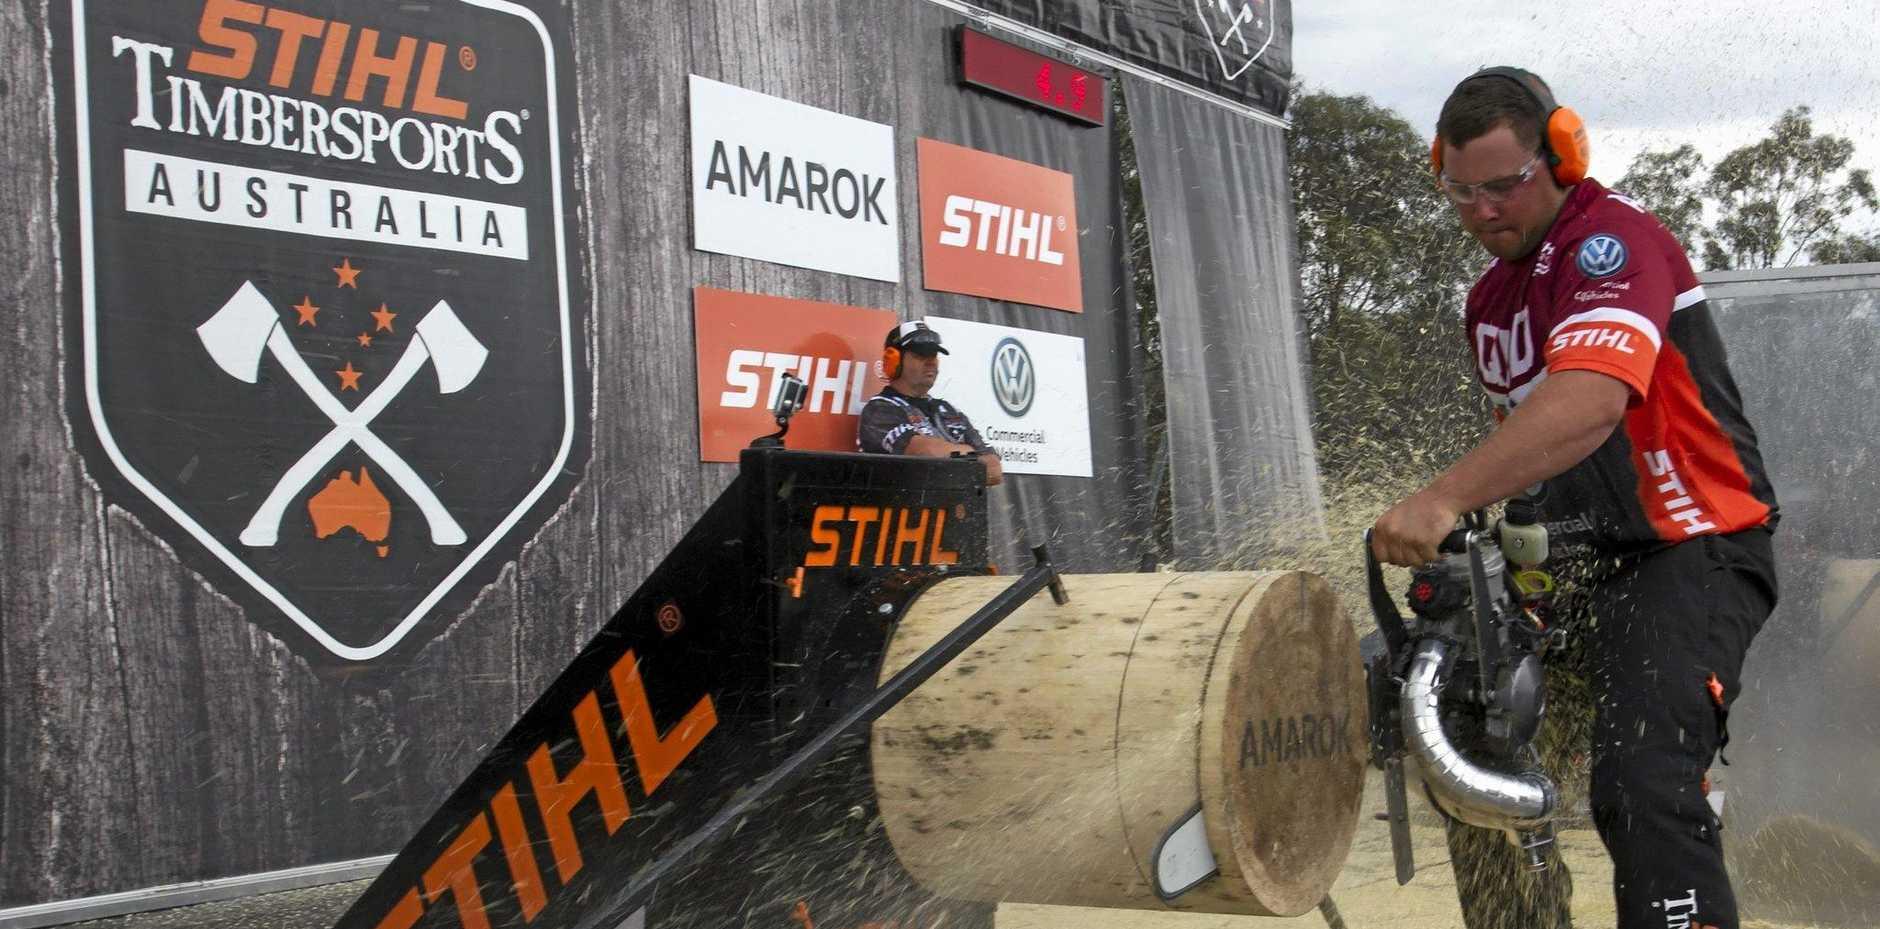 HARD YAKKA: Mitch Argentat the 2015 Australian Timbersports Championships.